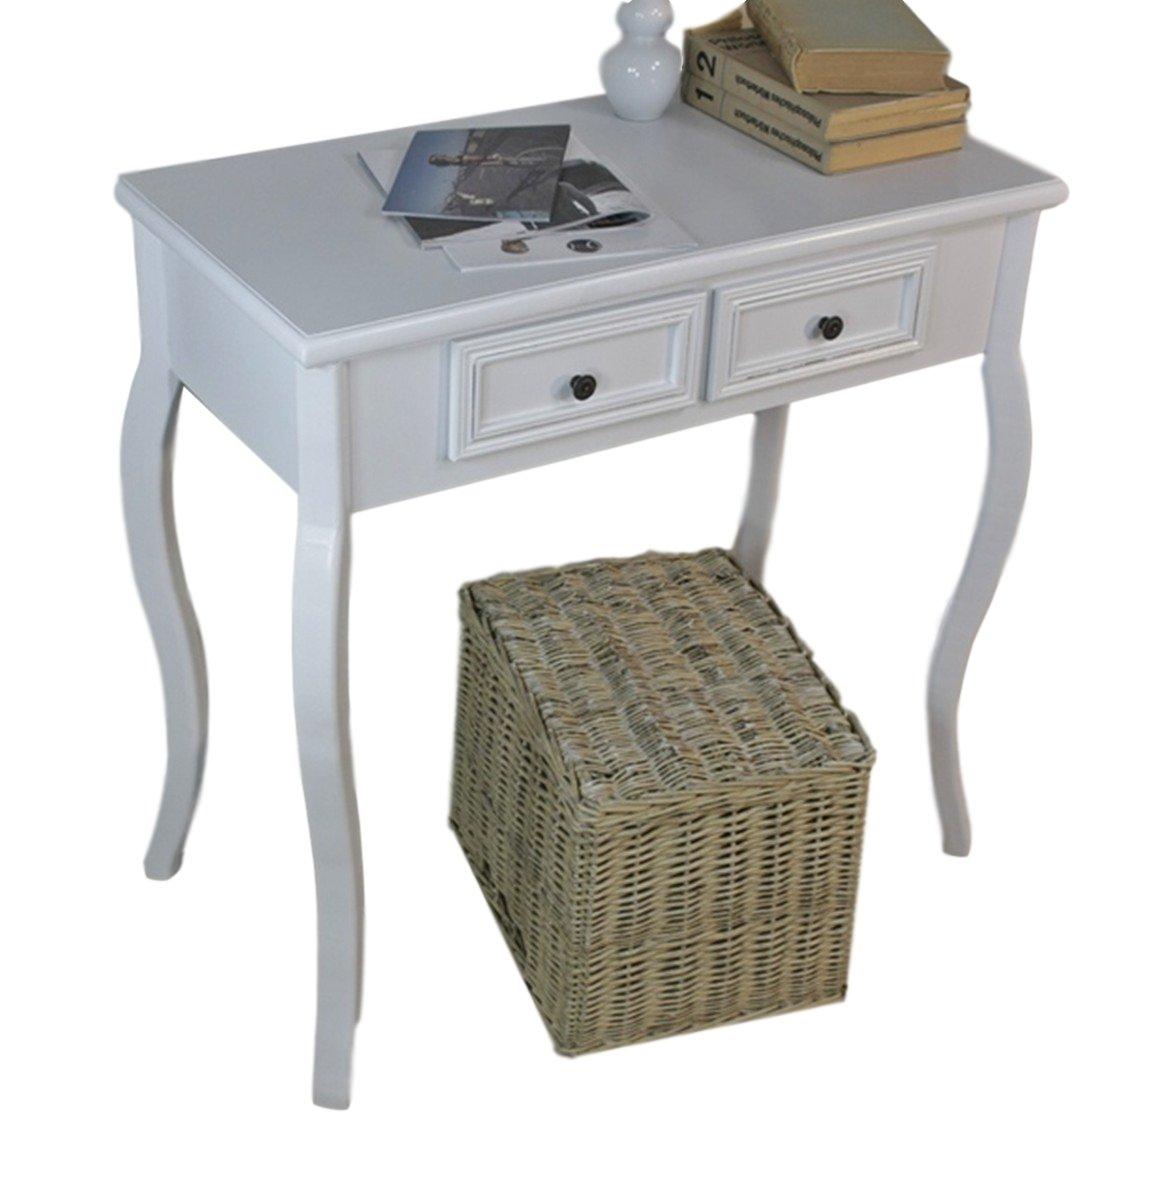 Elbmöbel Konsolentisch Holz Tisch Schubladen weiß Landhaus Anrichte Beistelltisch antik